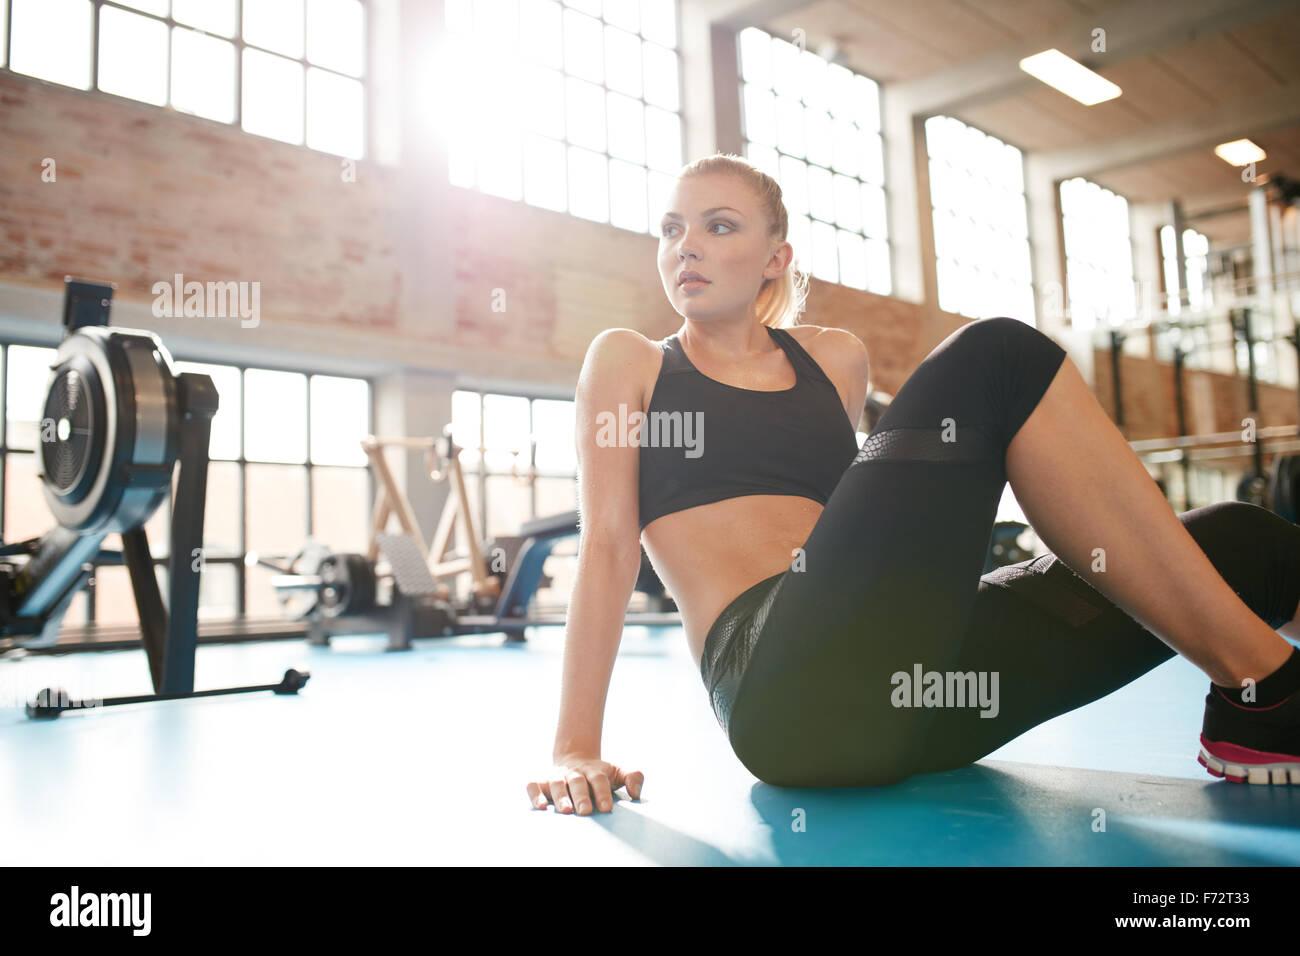 Innenaufnahme einer jungen Frau, die einen Bruch in der Turnhalle. Fitness Frauen sitzen auf dem Boden wegsehen. Stockbild